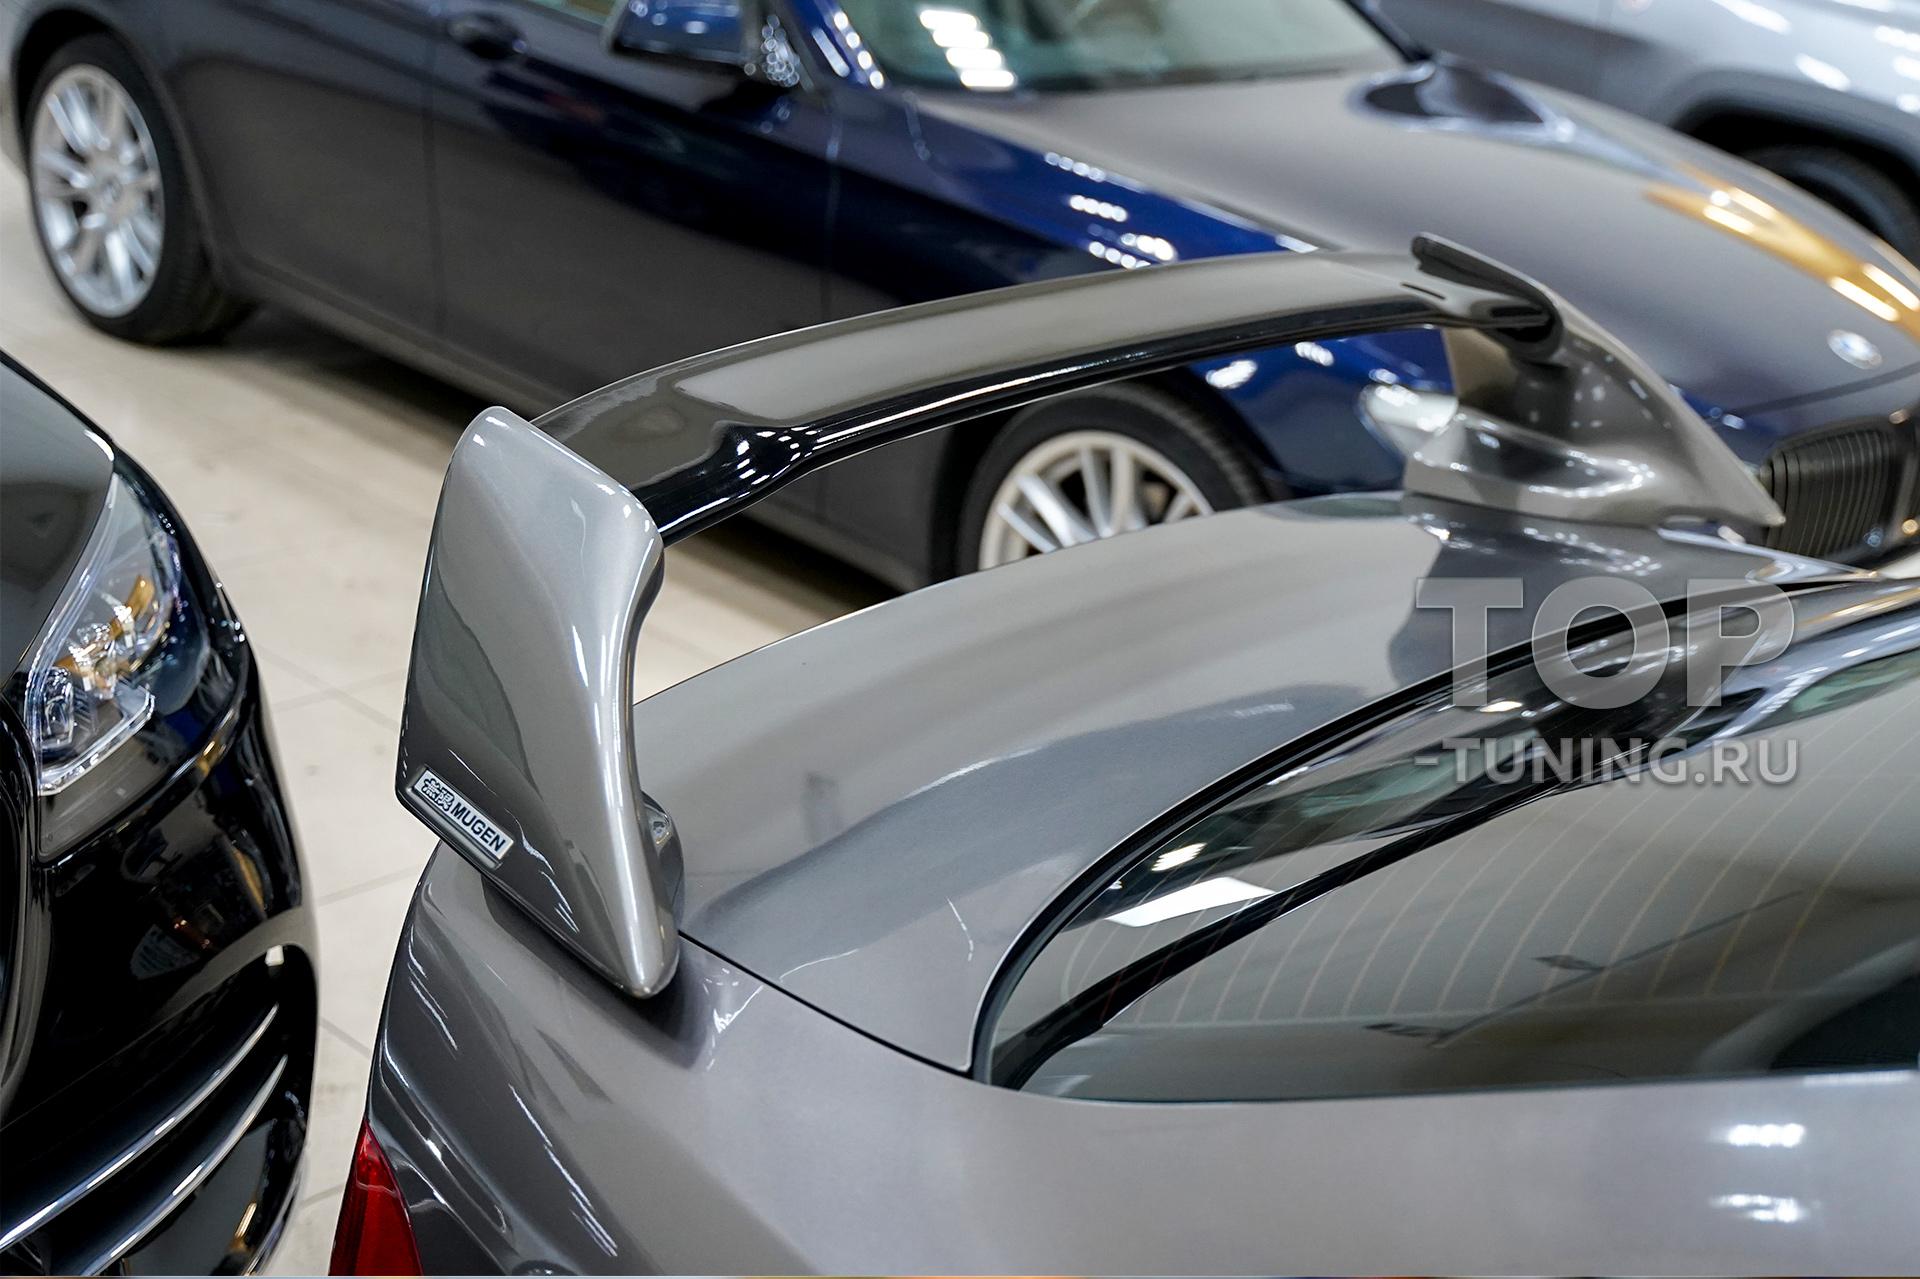 103916 Установка спойлера Mugen на Honda Accord 7 CL